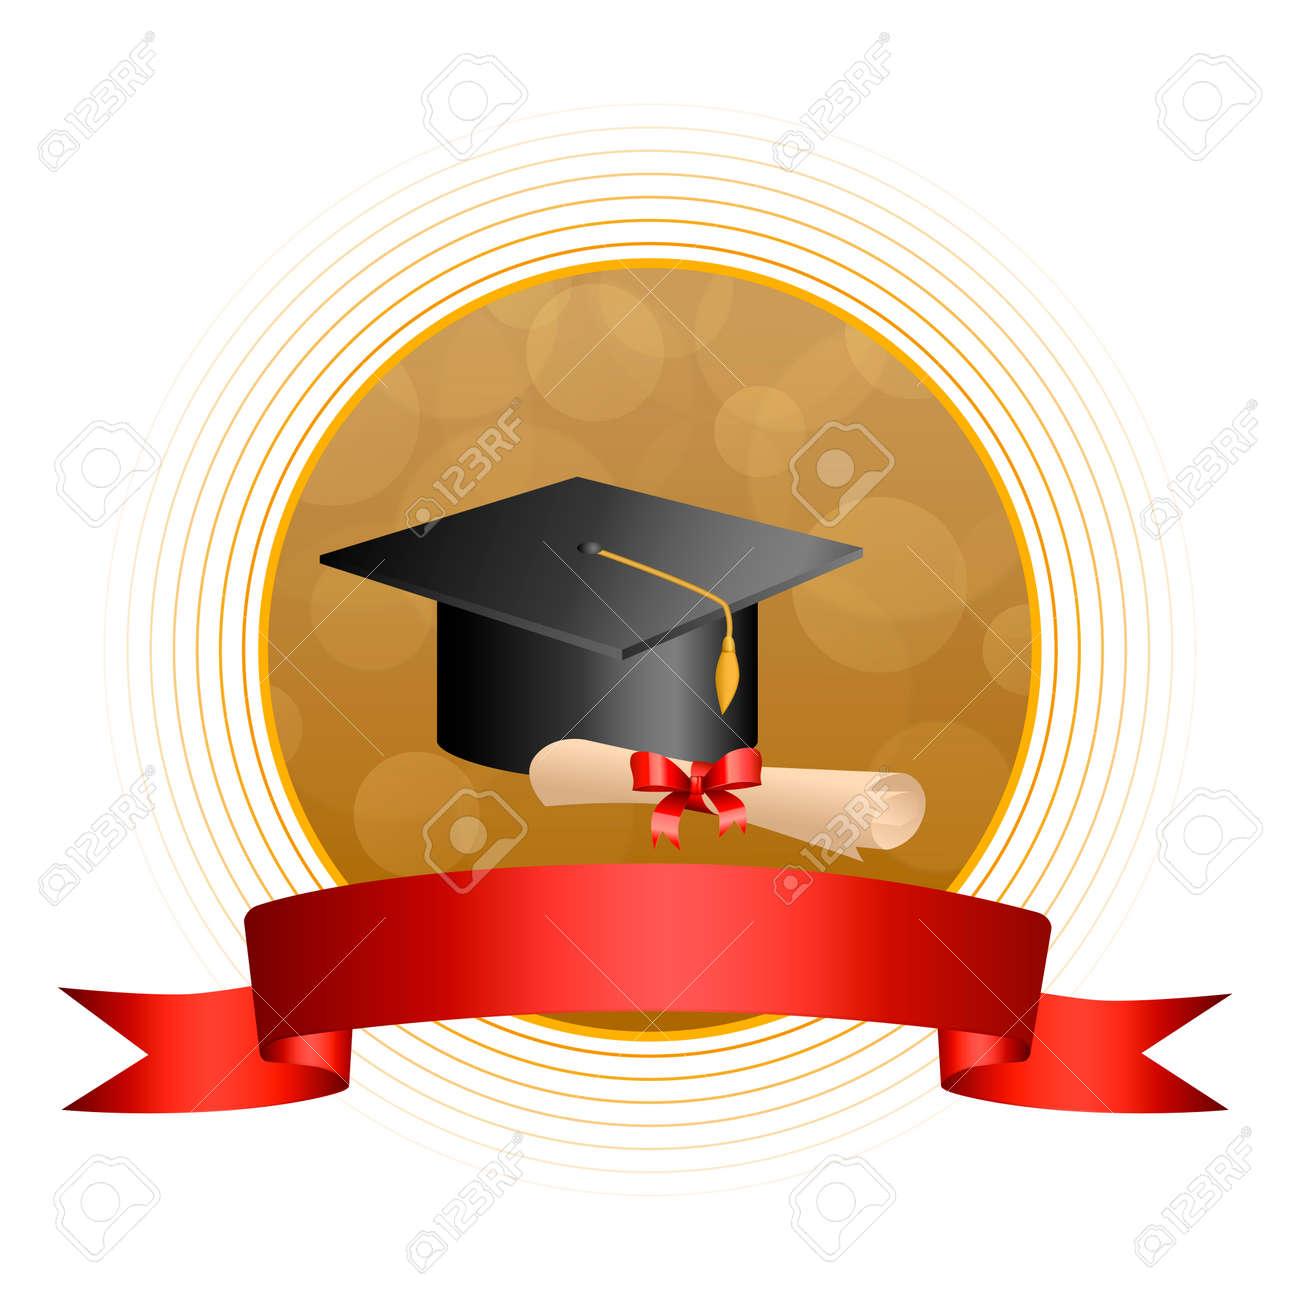 背景抽象ベージュ教育卒業キャップ赤ディプロマ ボー リボン サークル